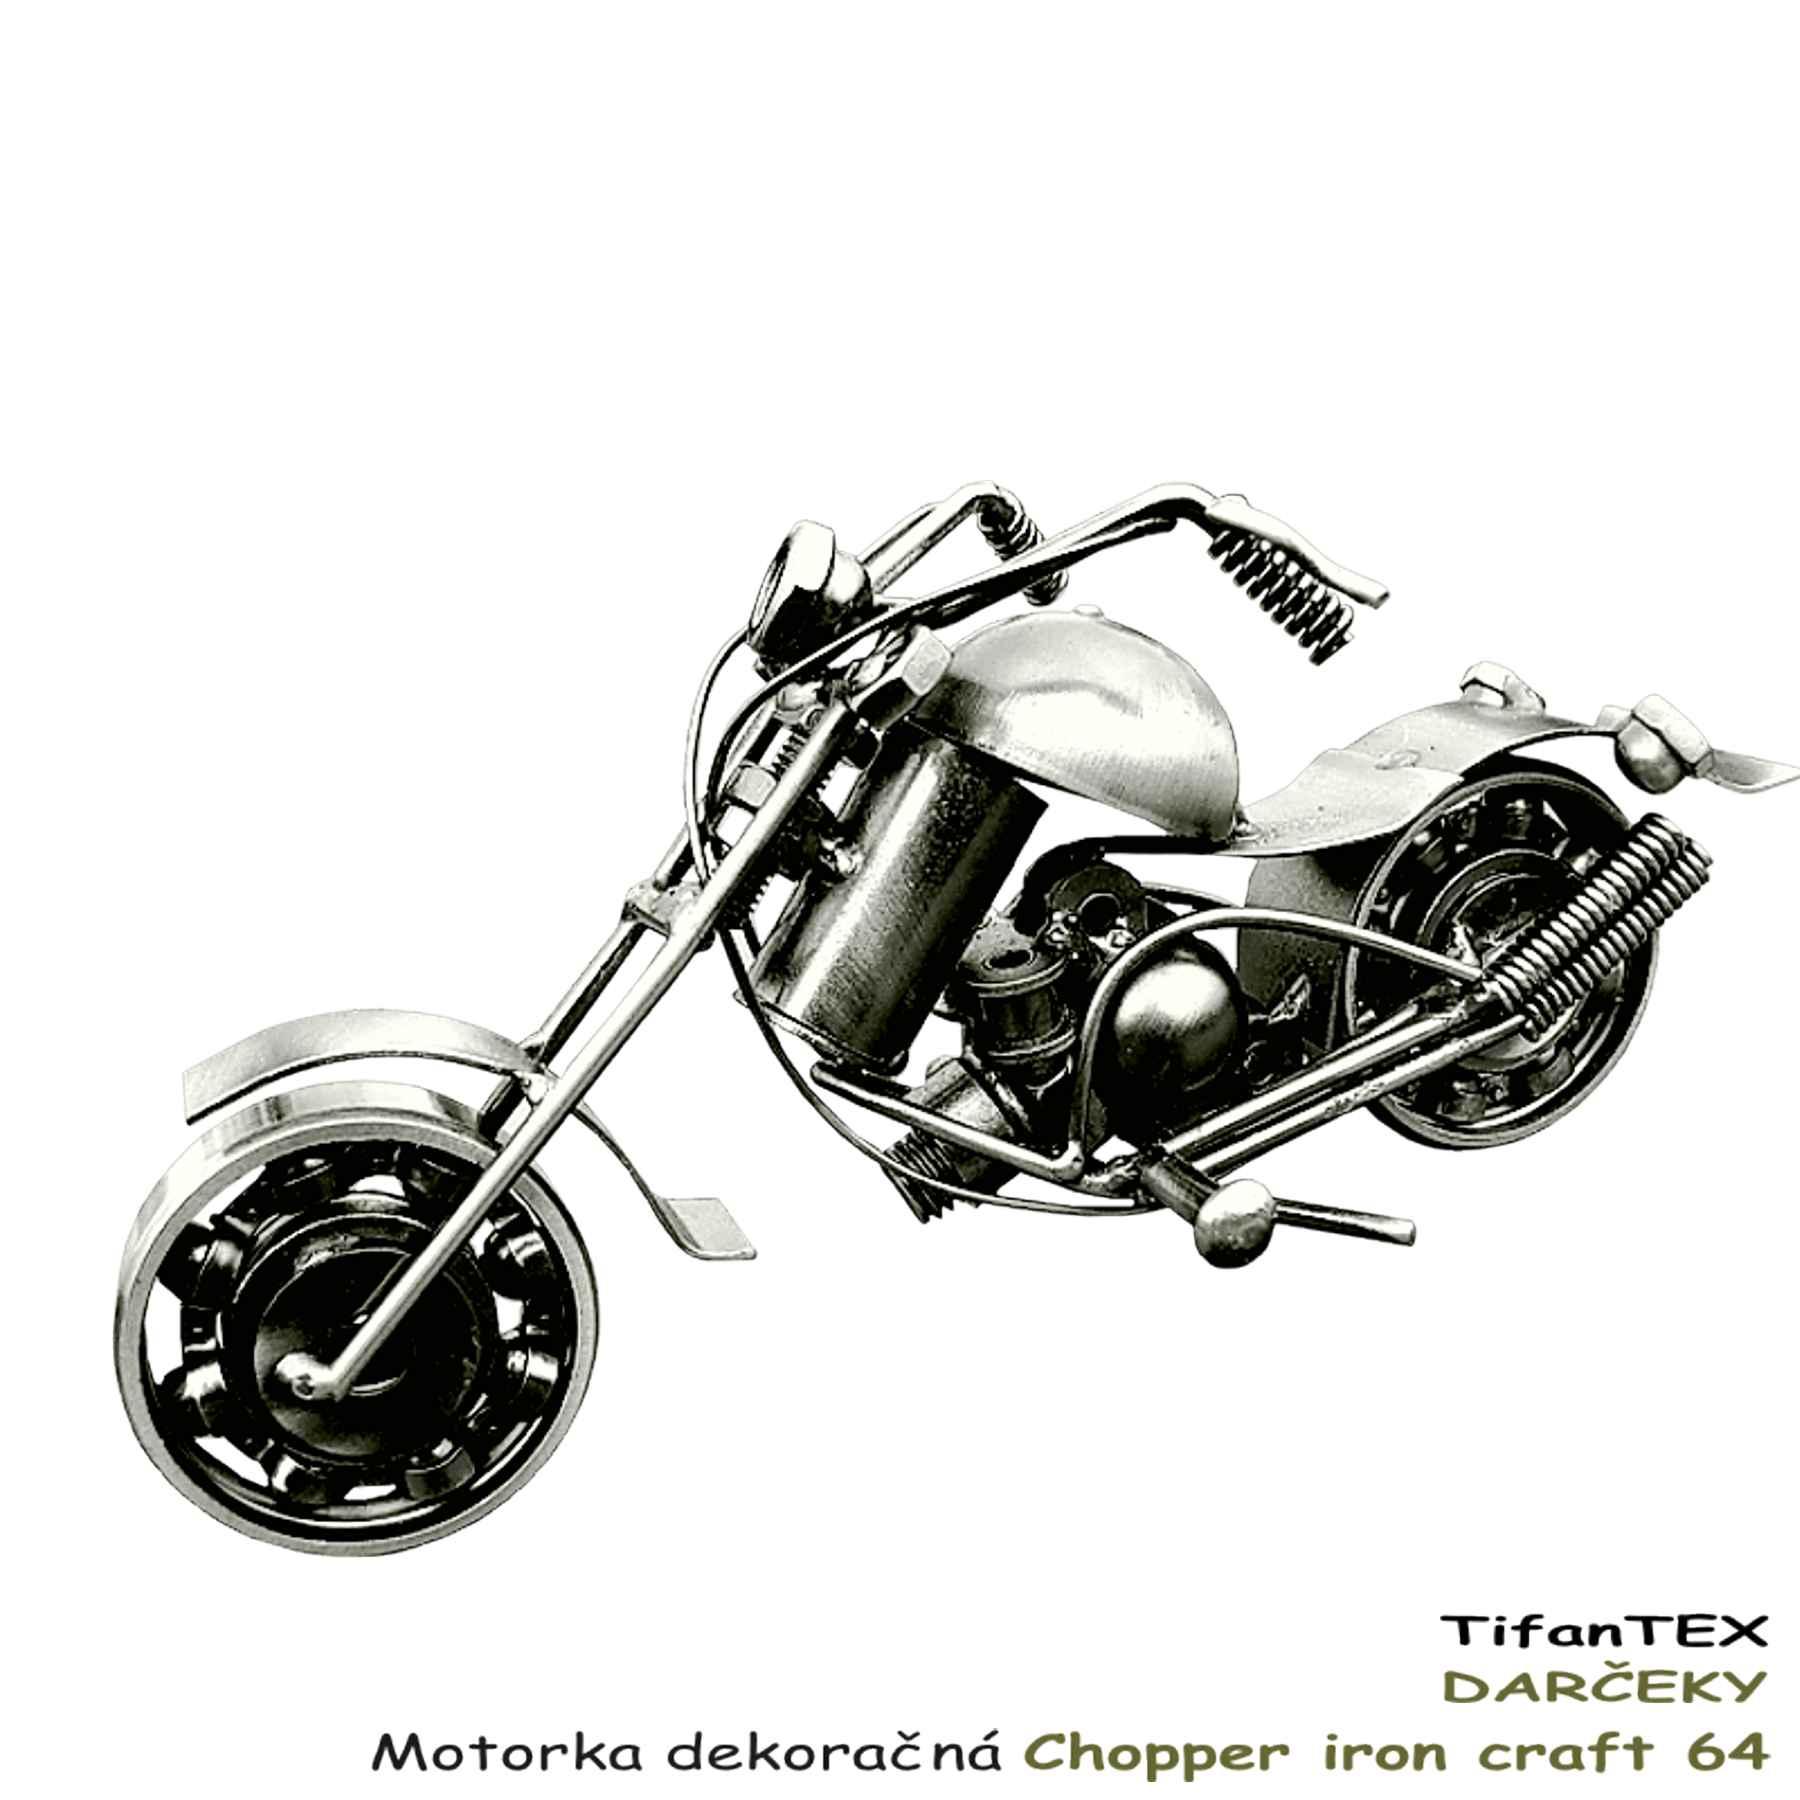 Motorka Dekora Na Chopper Iron Craft 64